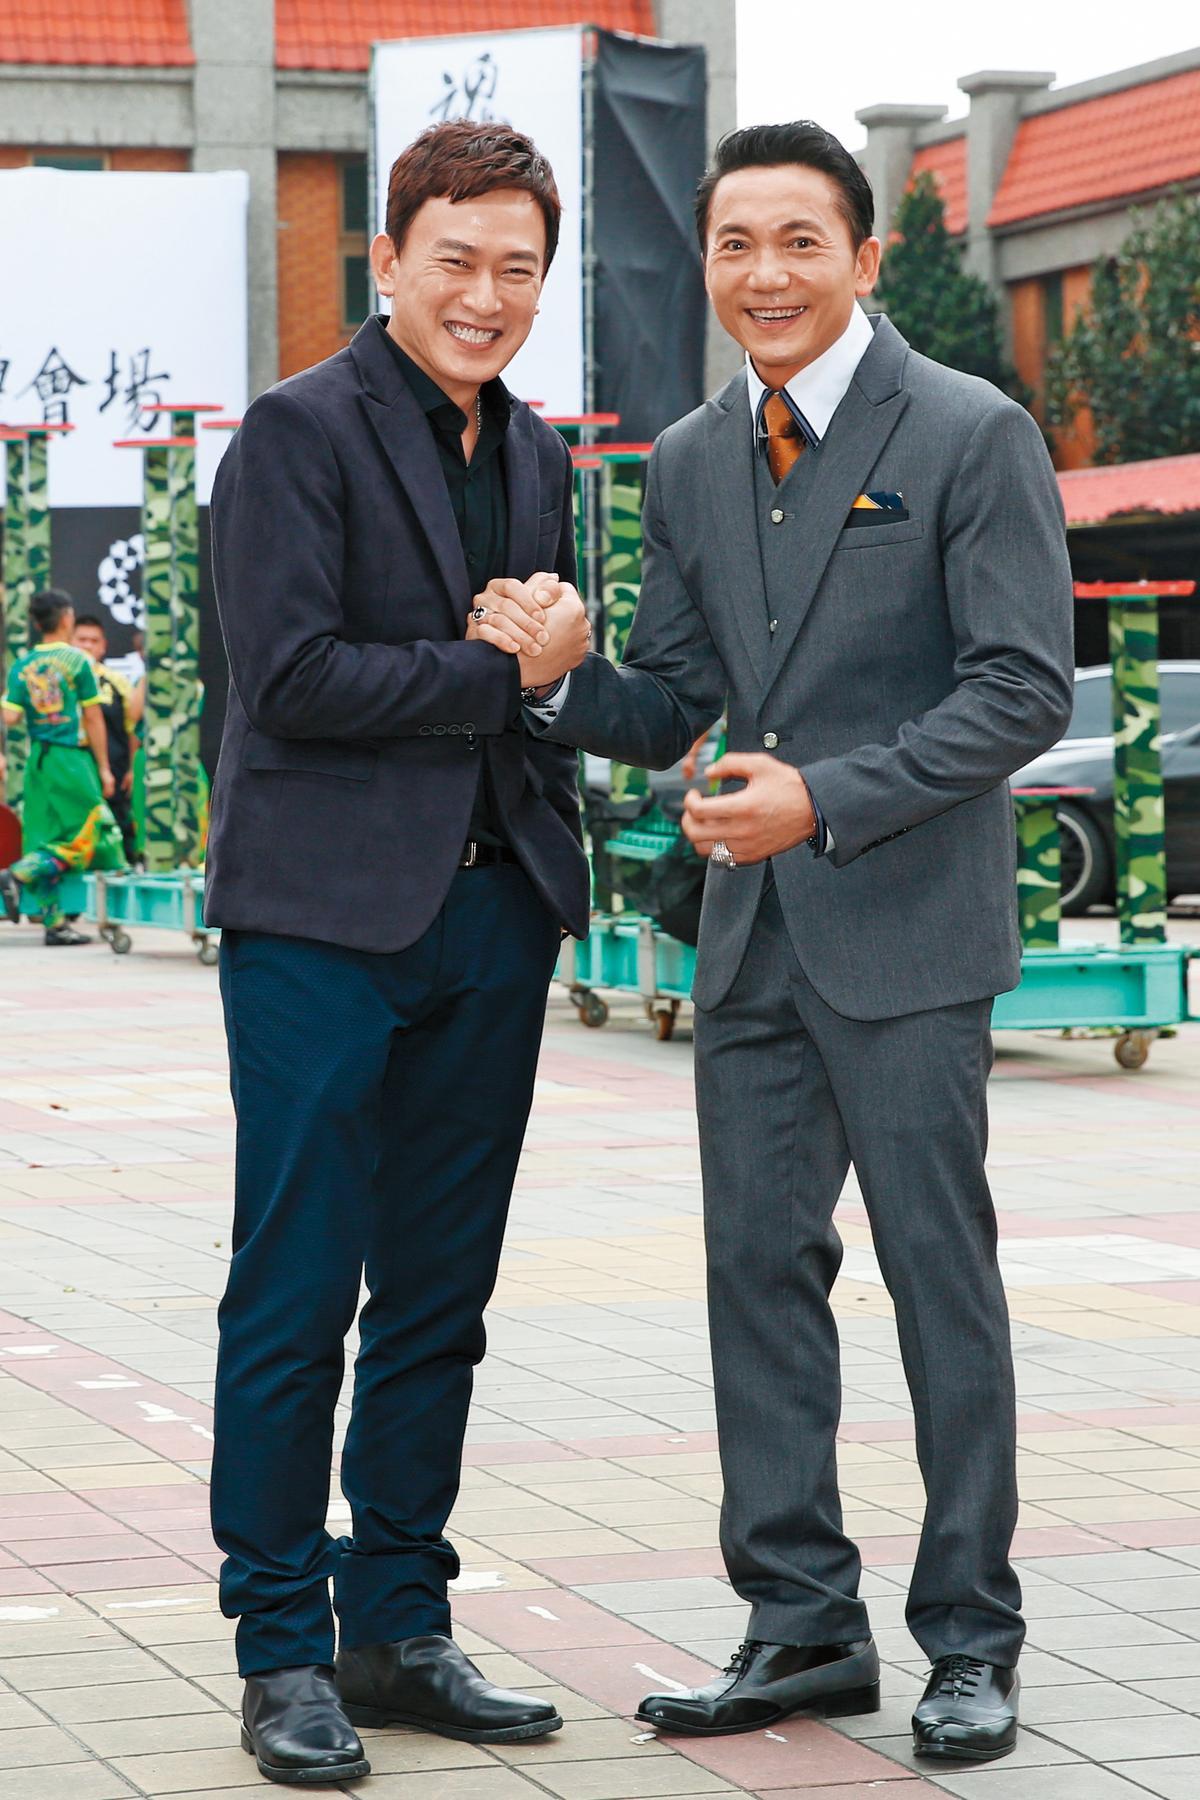 王識賢(左)今年中投入電影《角頭2》拍攝,和劇中反派鄒兆龍(右)有精彩對手戲。